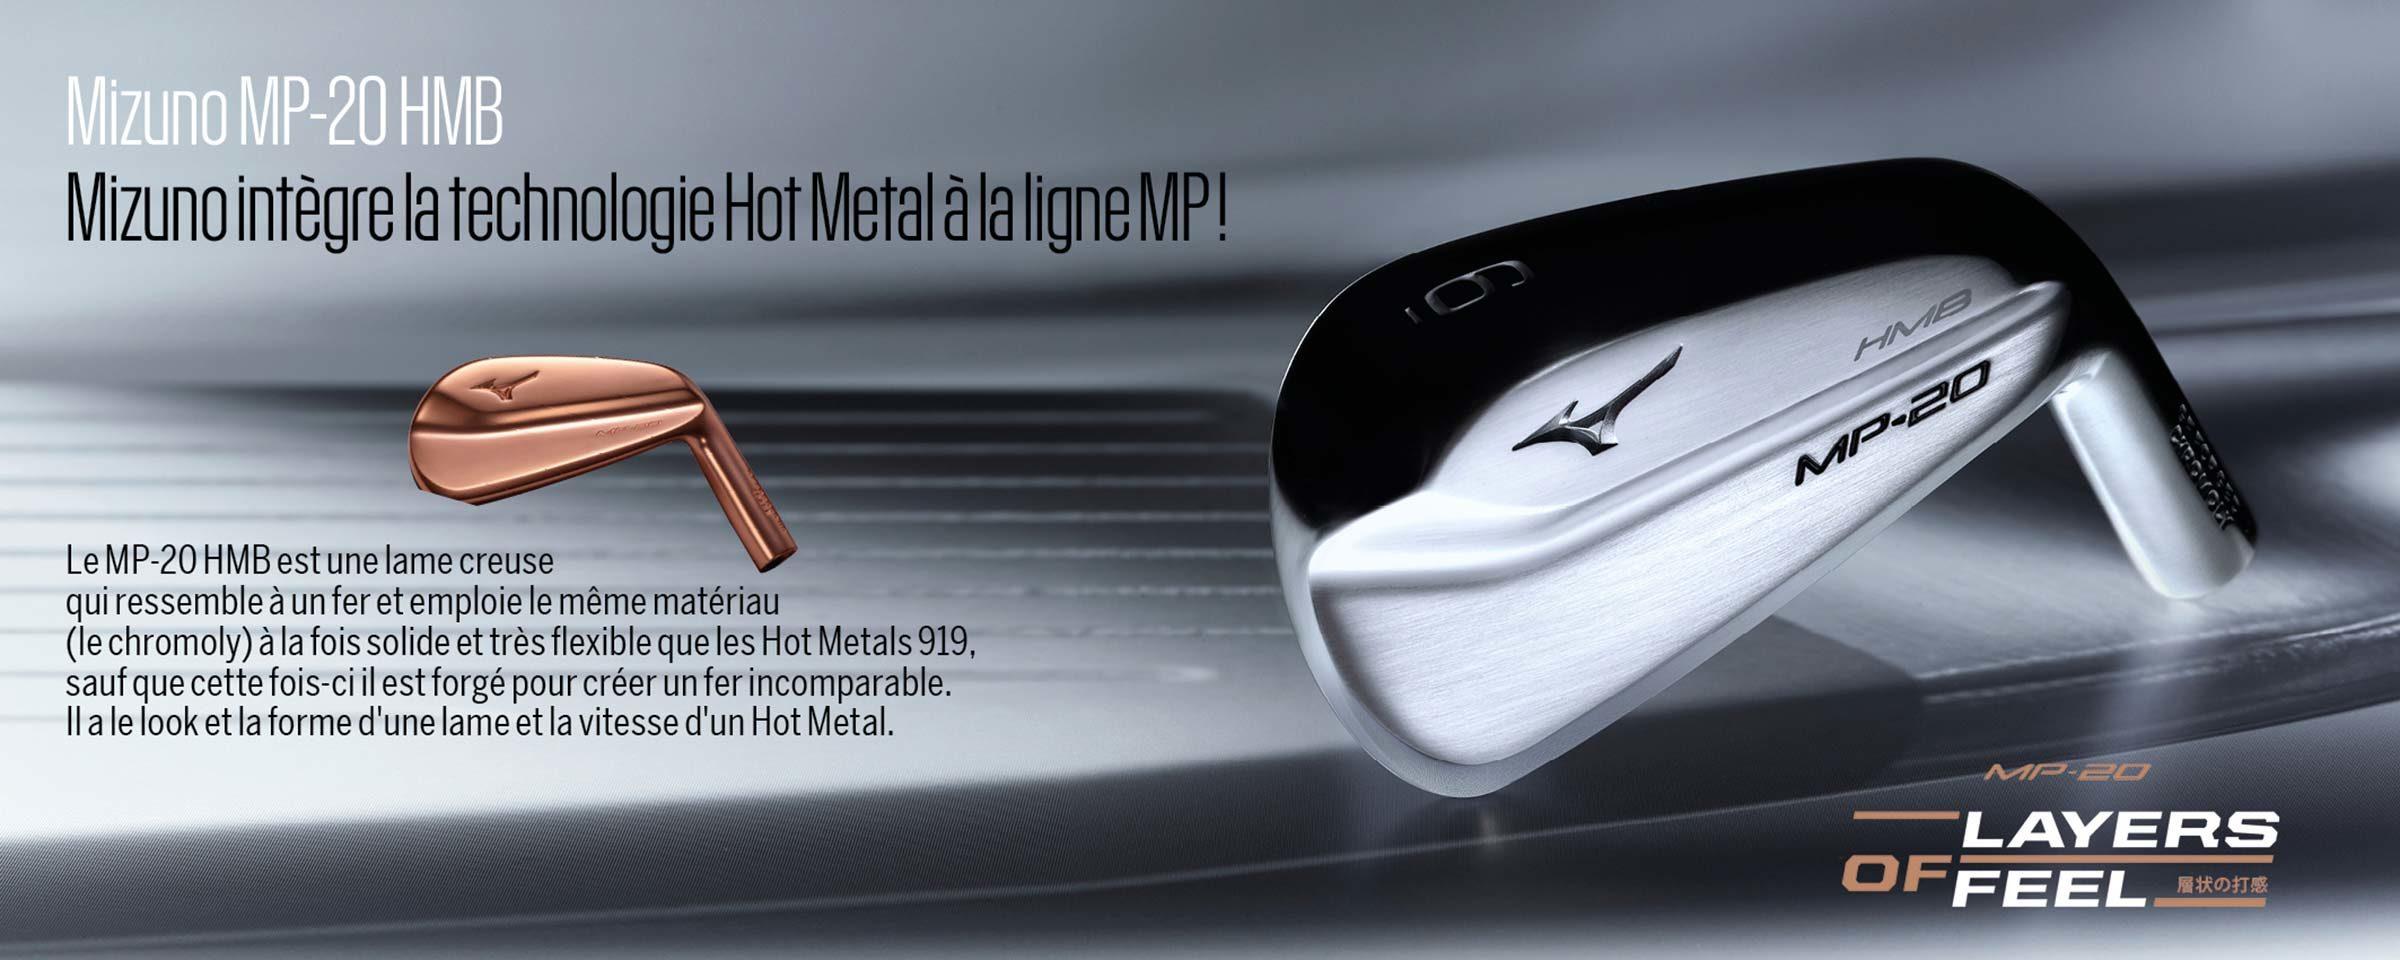 Mizuno MP-20 HMB